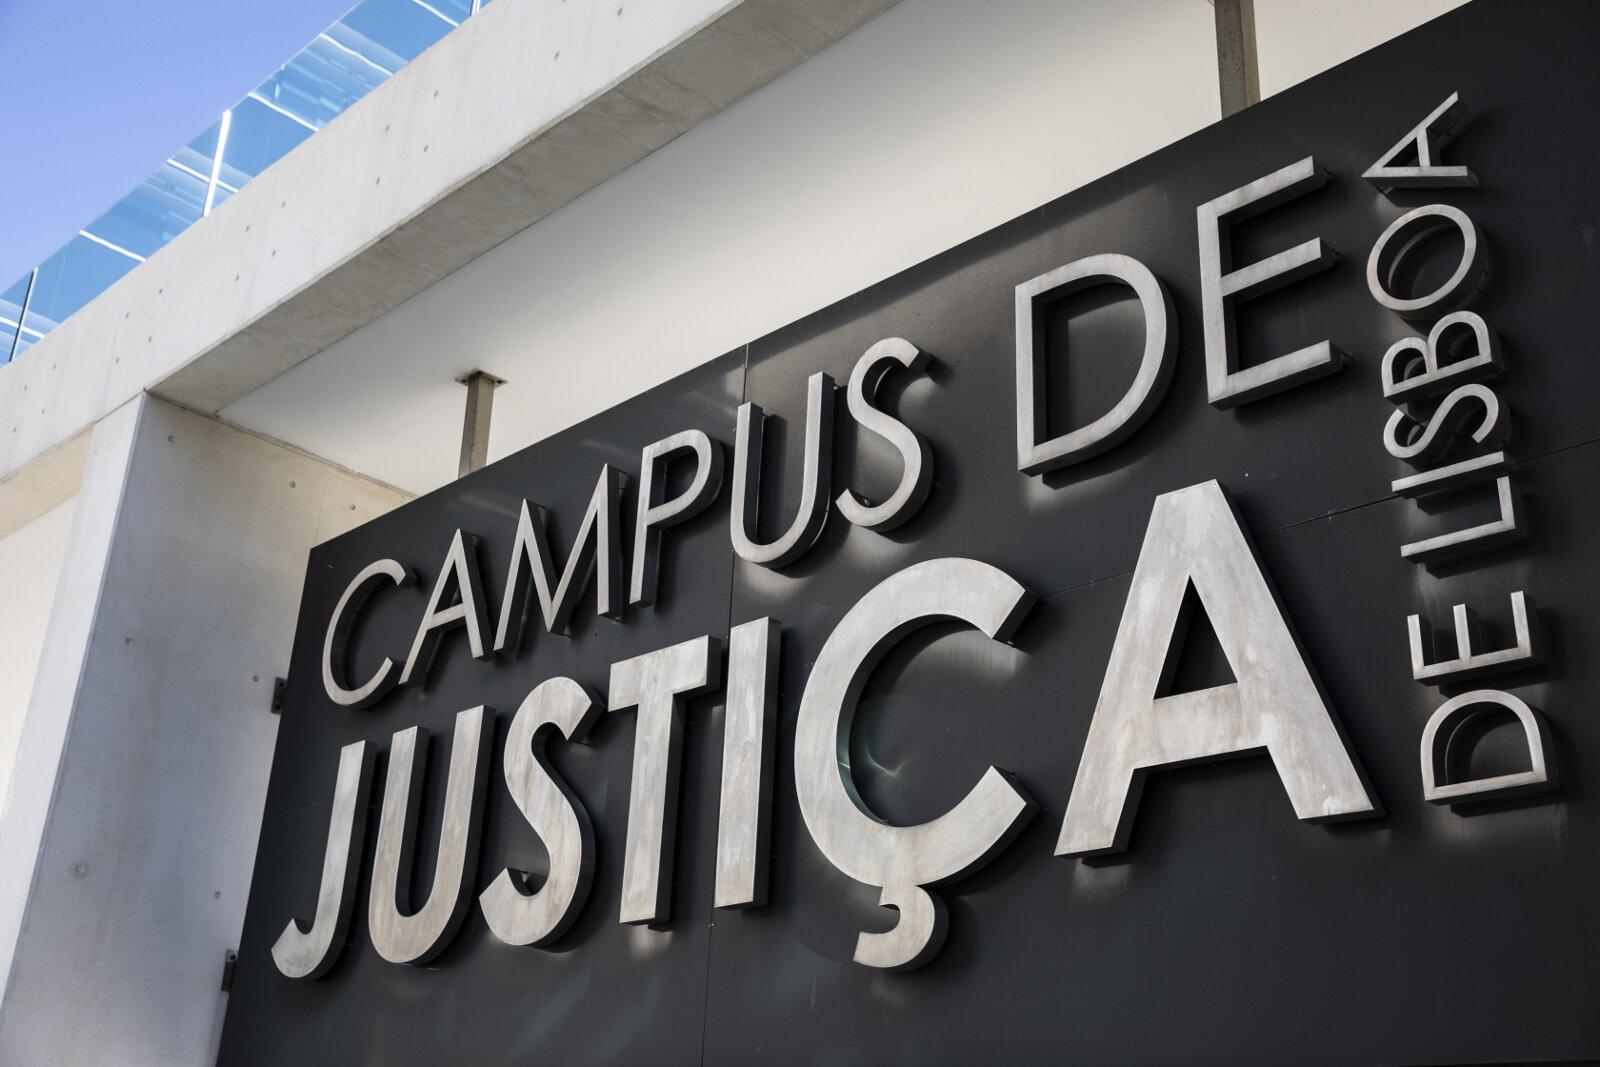 Campus da Justiça